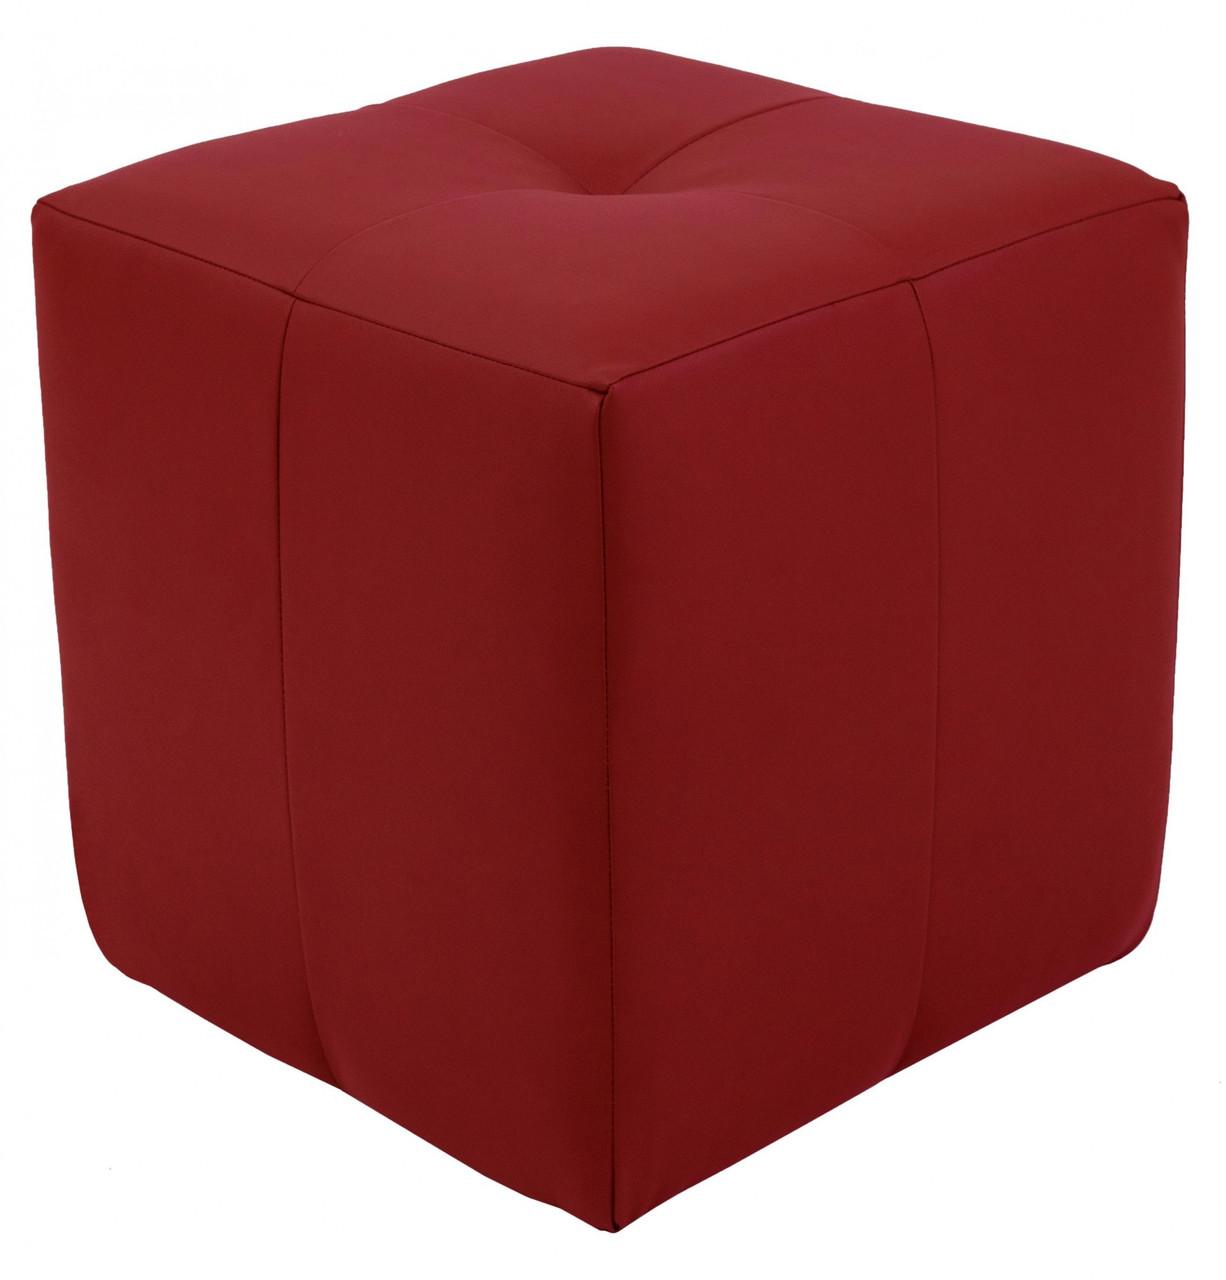 Пуфик Кристи Richman 40 x 40 x 45Н Zeus Deluxe Berry Красный